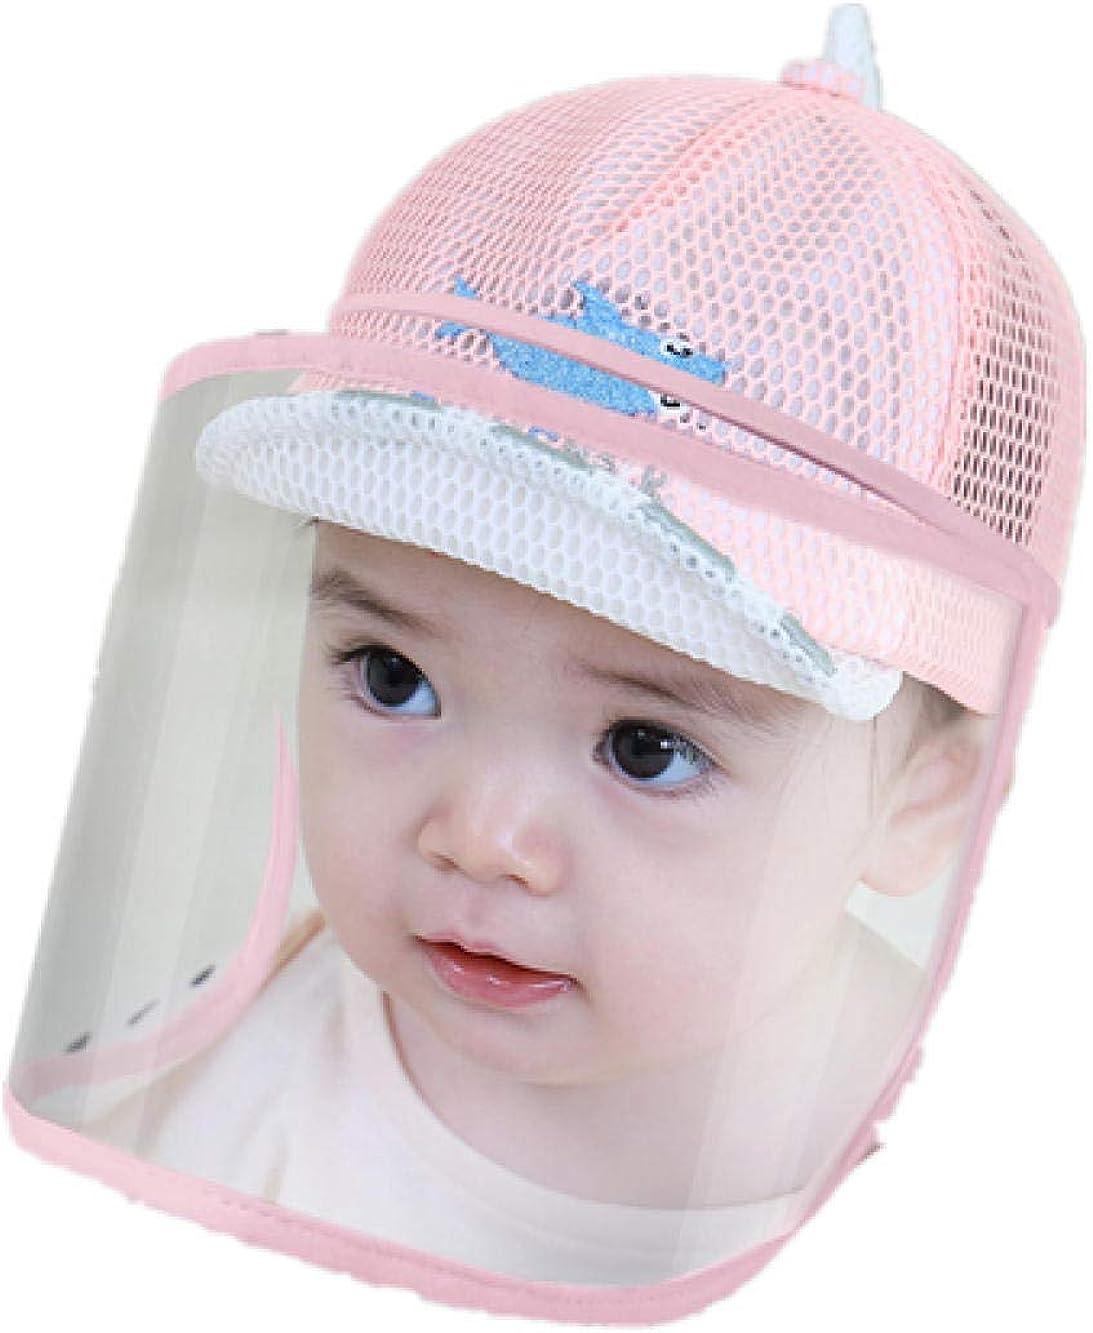 AQ1 Baby Sun hat face Shield Foldable Thin Section Anti-Foam Sunshade Sun hat